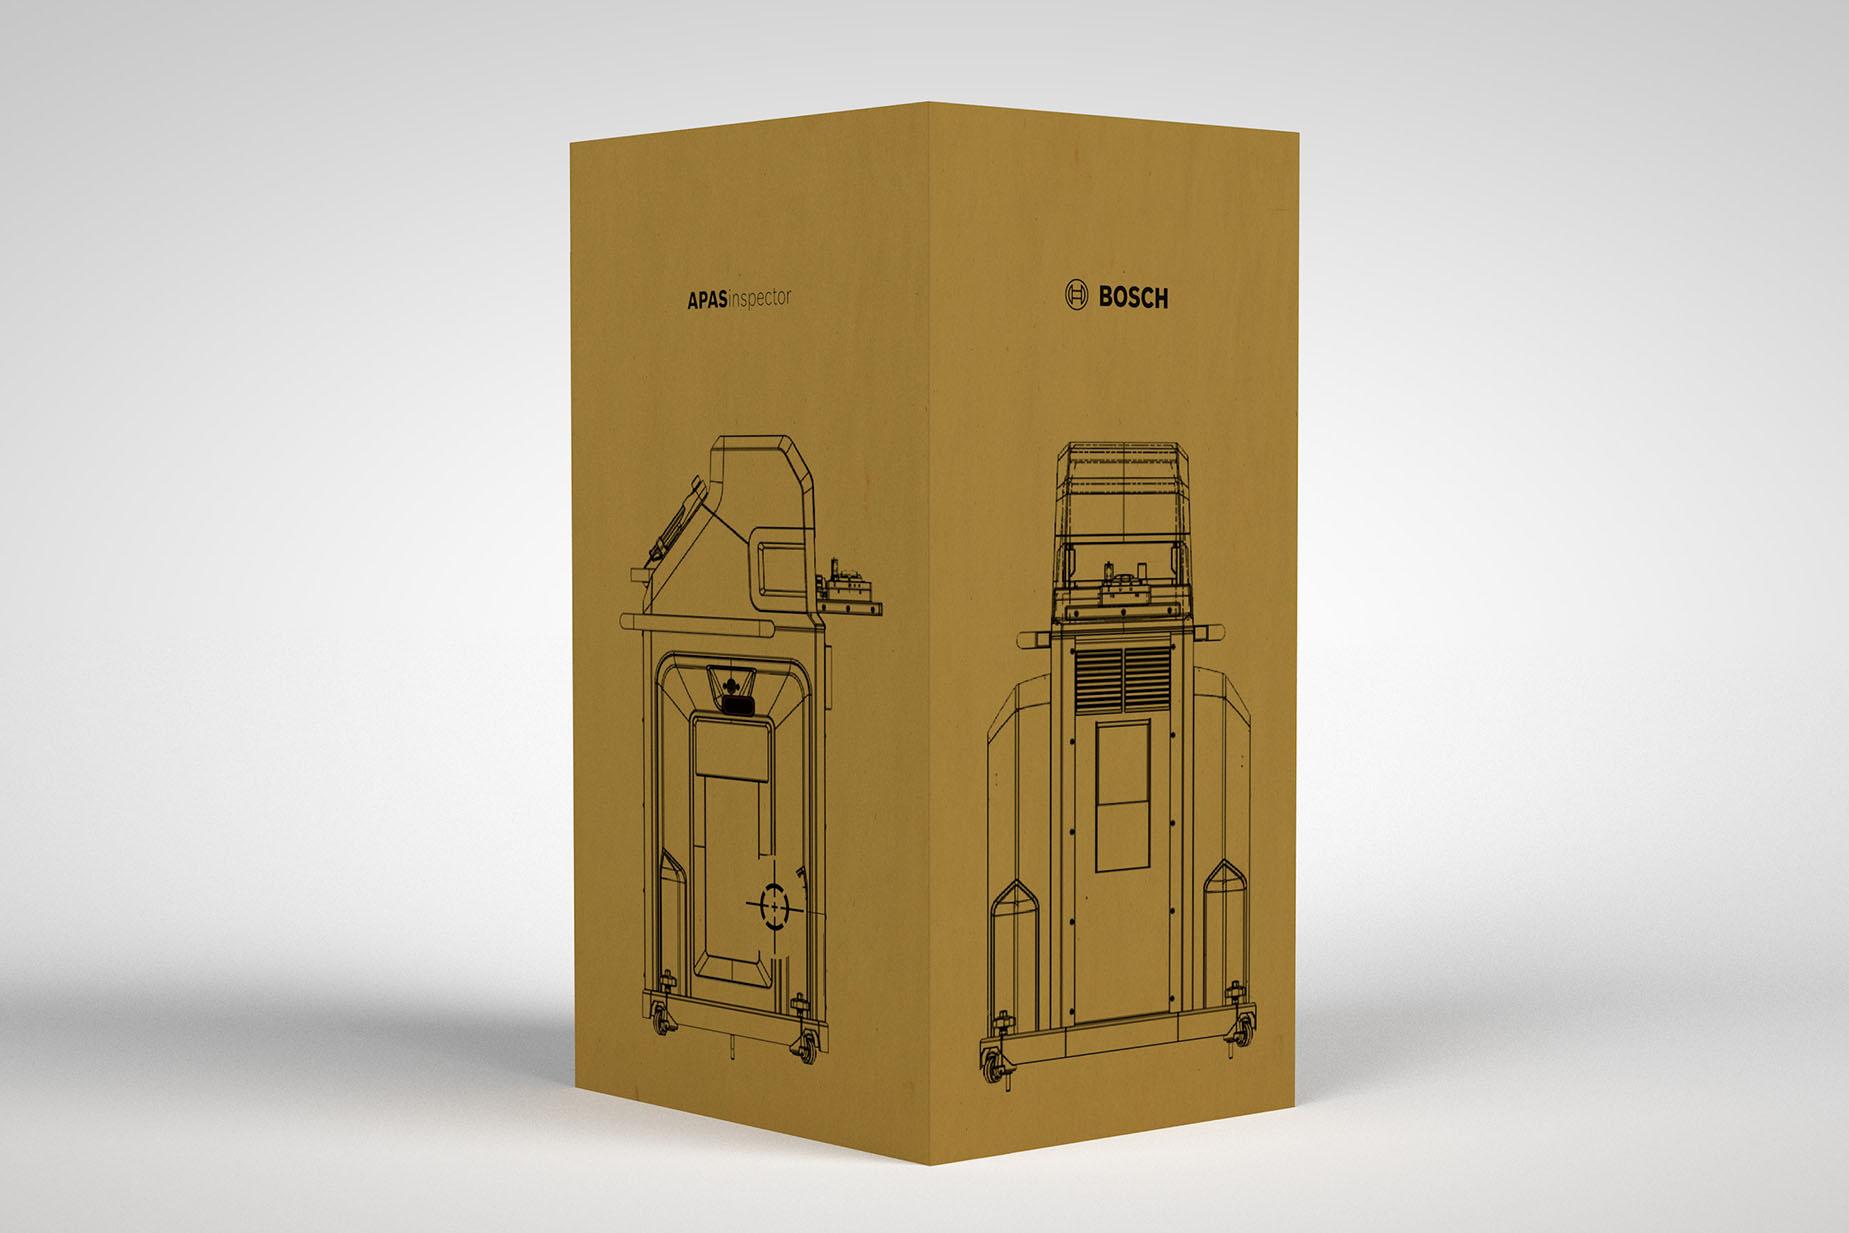 Bosch »APAS« Verpackung